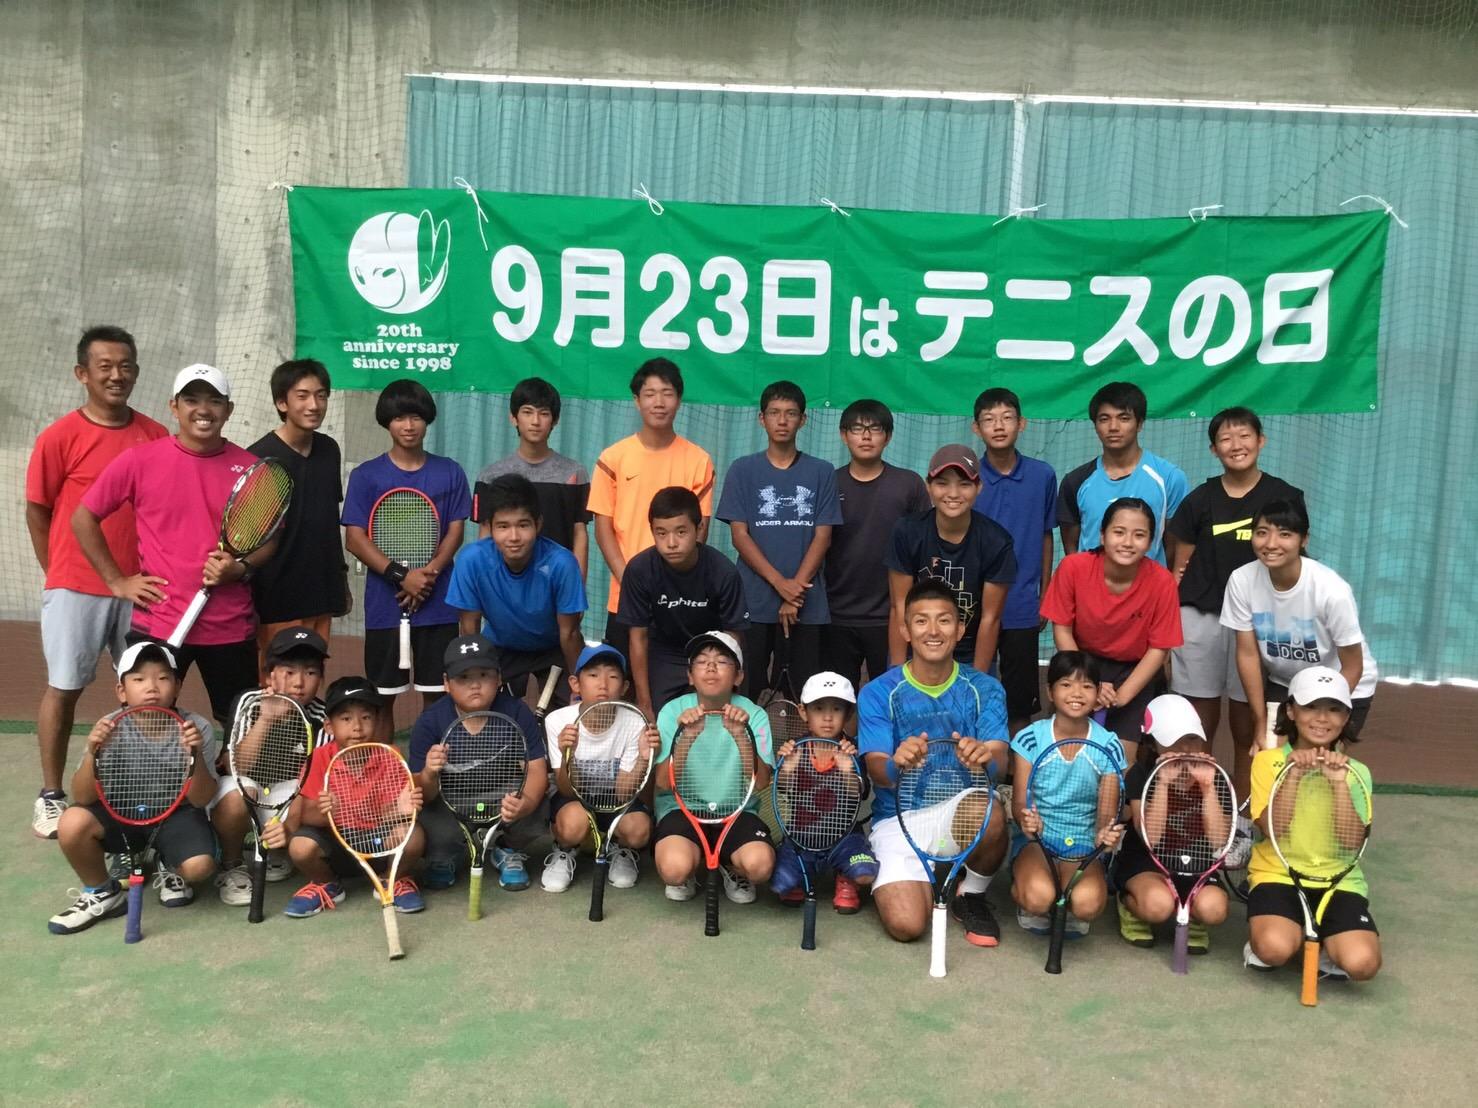 沖縄県「テニスの日」イベント【プロテニスプレイヤー比嘉明人オフィシャルブログ】